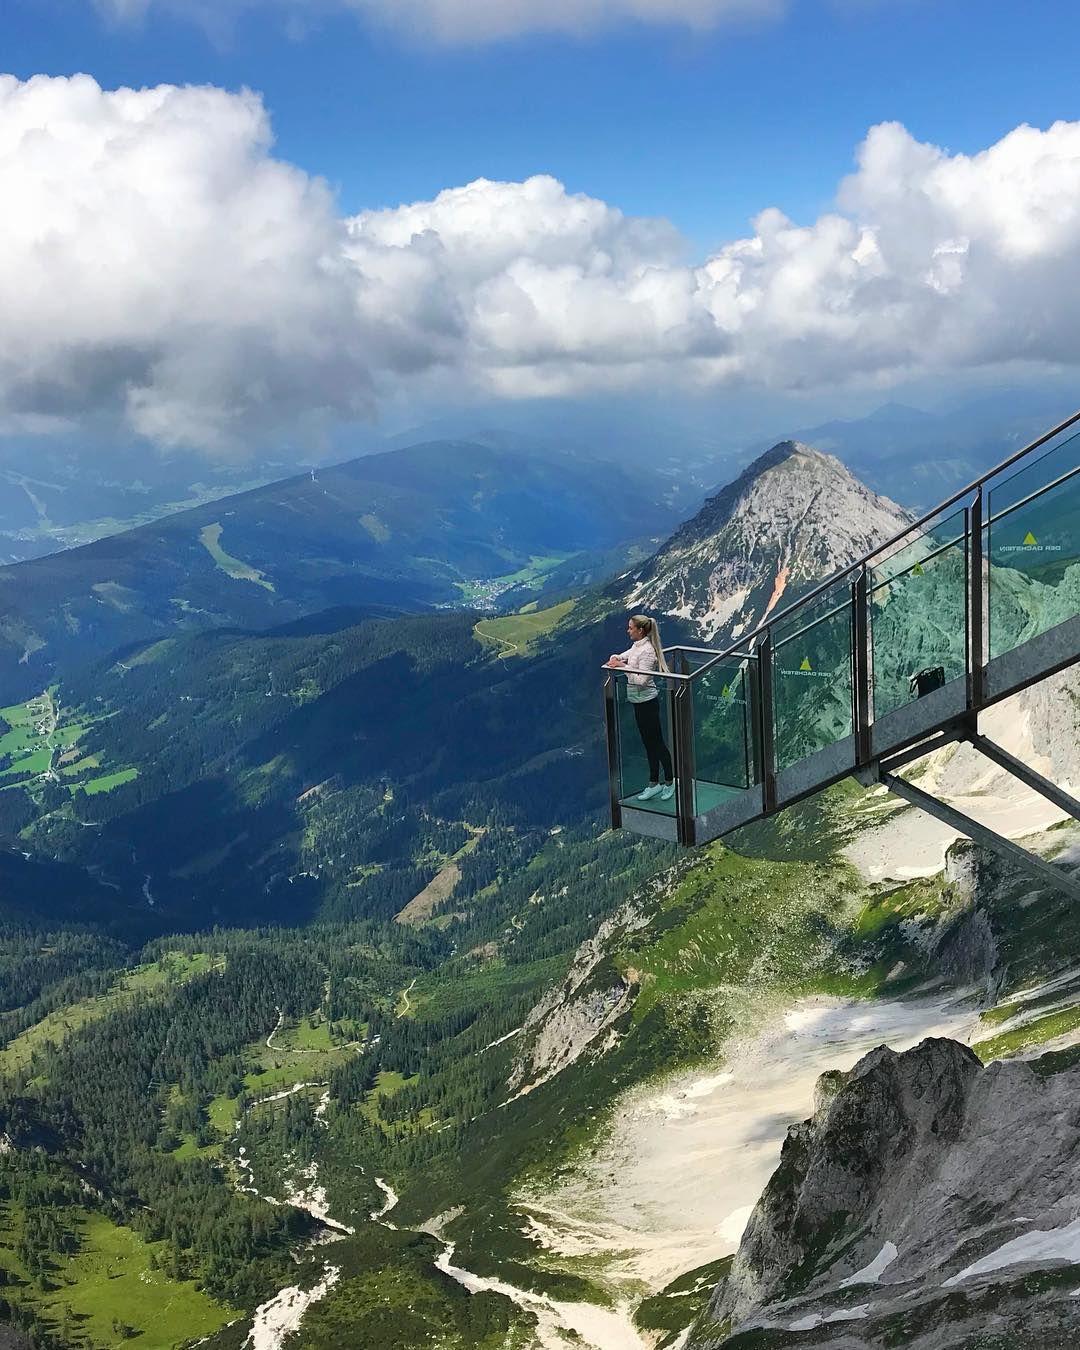 Estos son los puntos de vista más fenomenales en Austria para todos los que están libres de vértigo: viajo